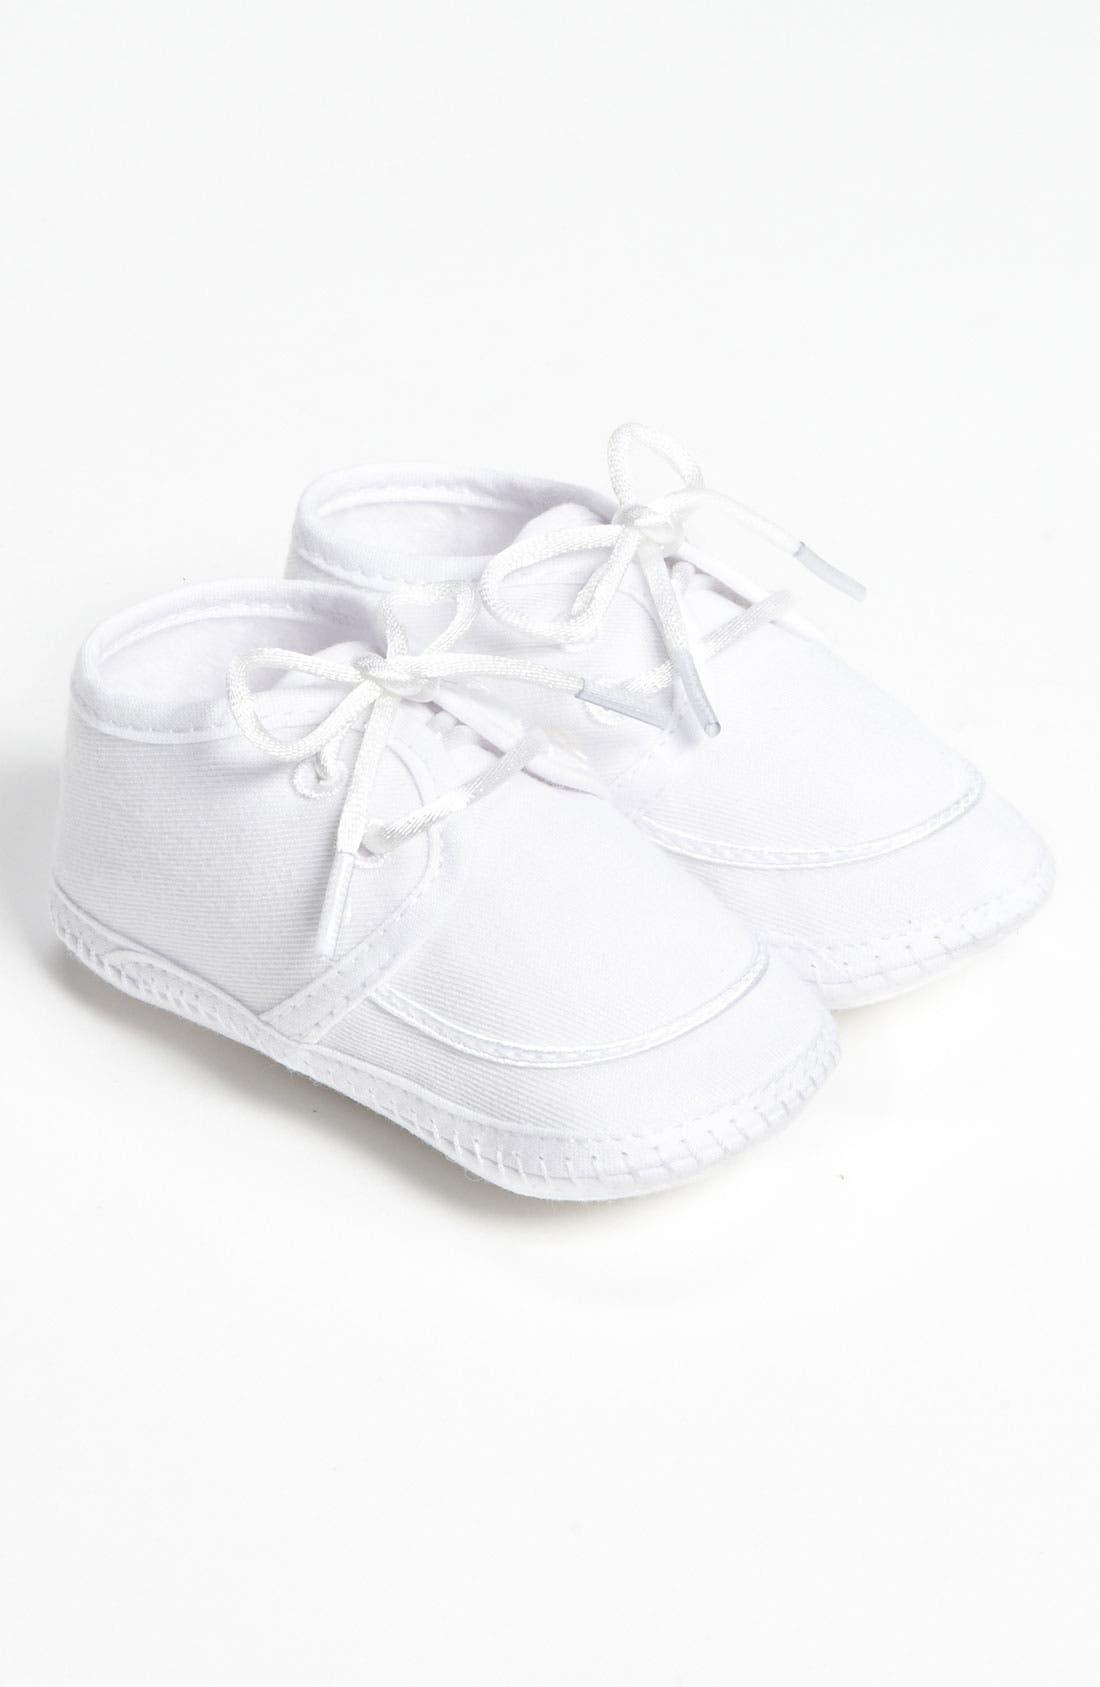 LITTLE THINGS MEAN A LOT Gabardine Shoe